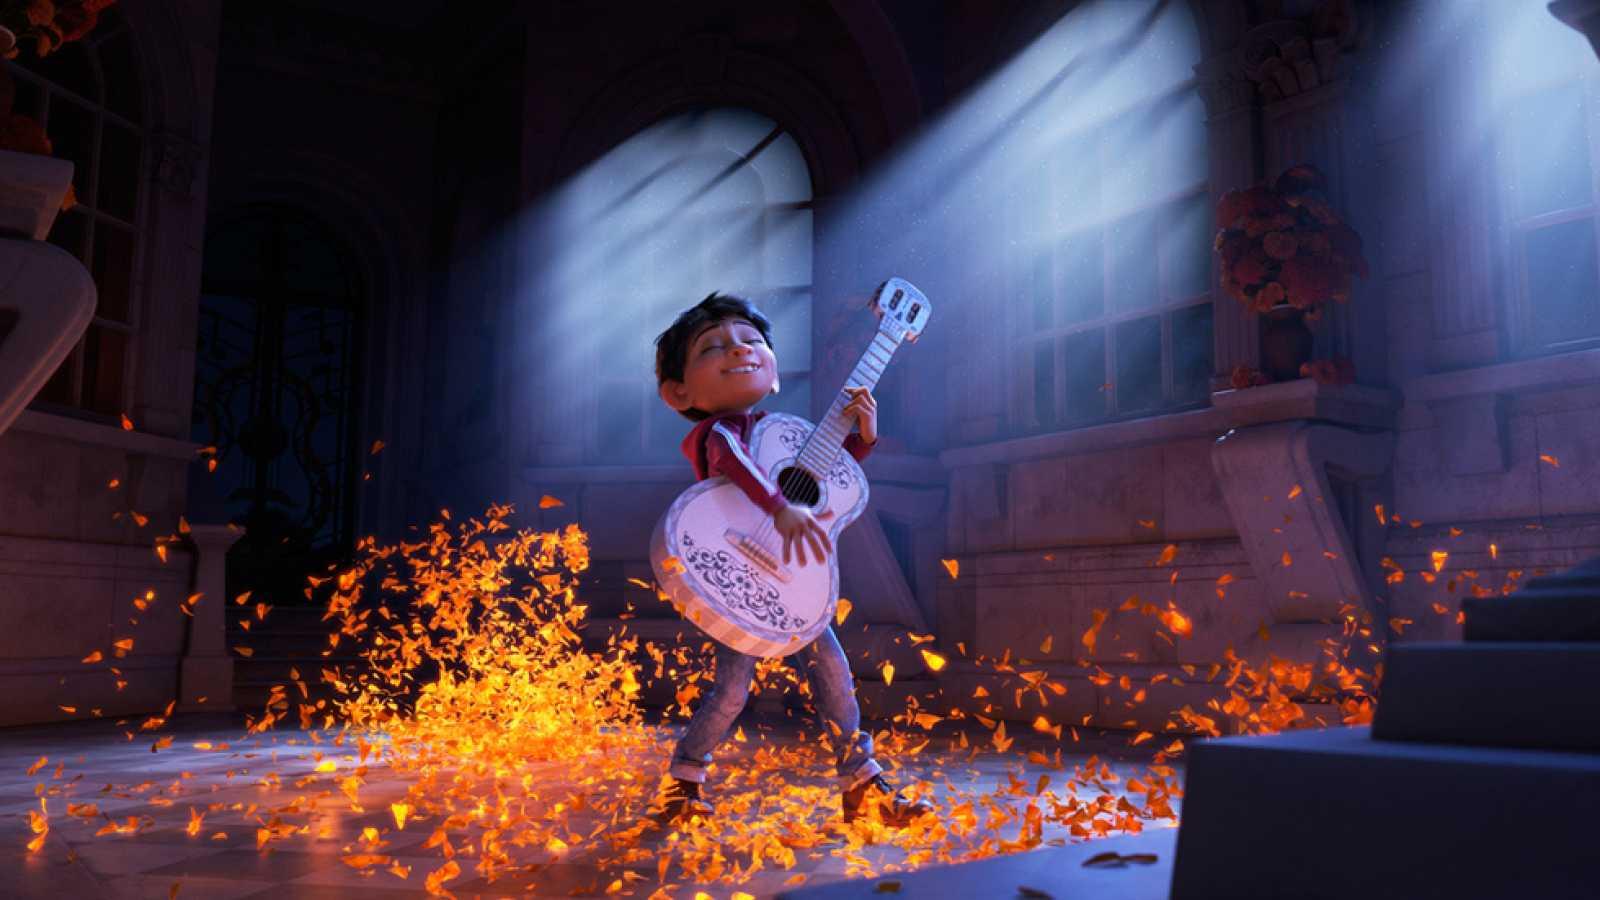 Primer Tráiler De Coco La última Película De Disney Pixar